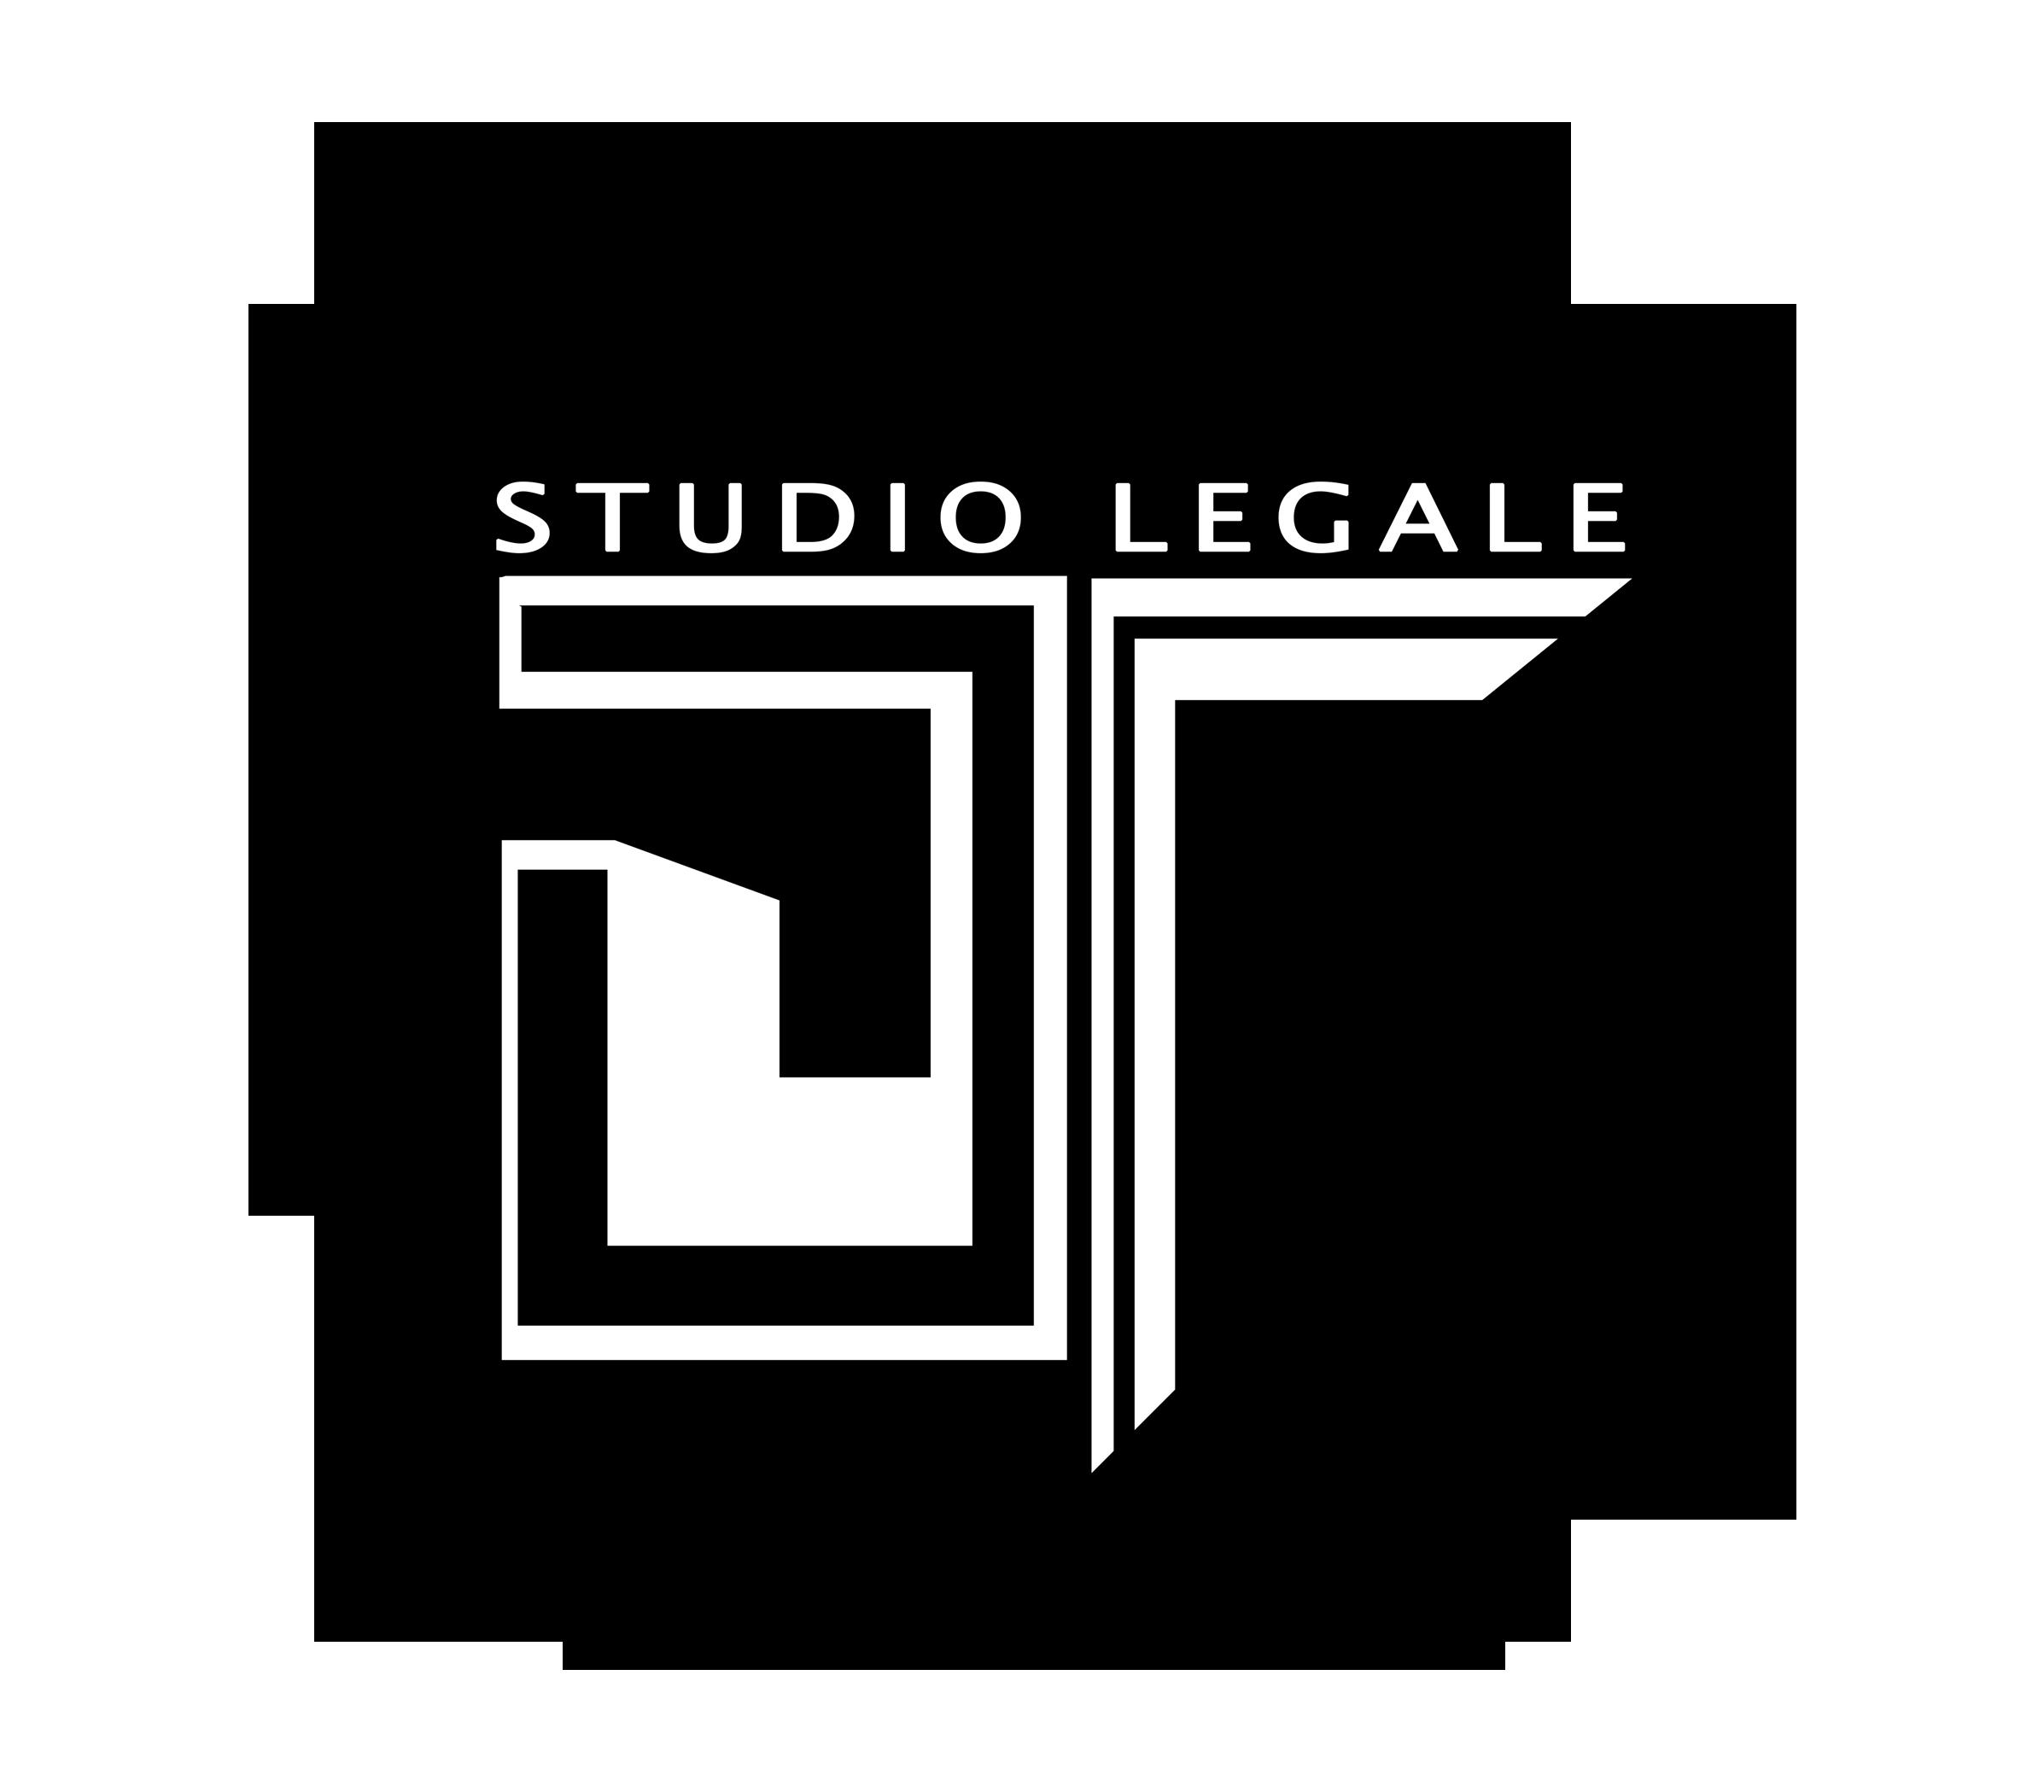 STUDIO LEGALE DOMINICI TELLINI  AVVOCATO FALLIMENTARE - 1